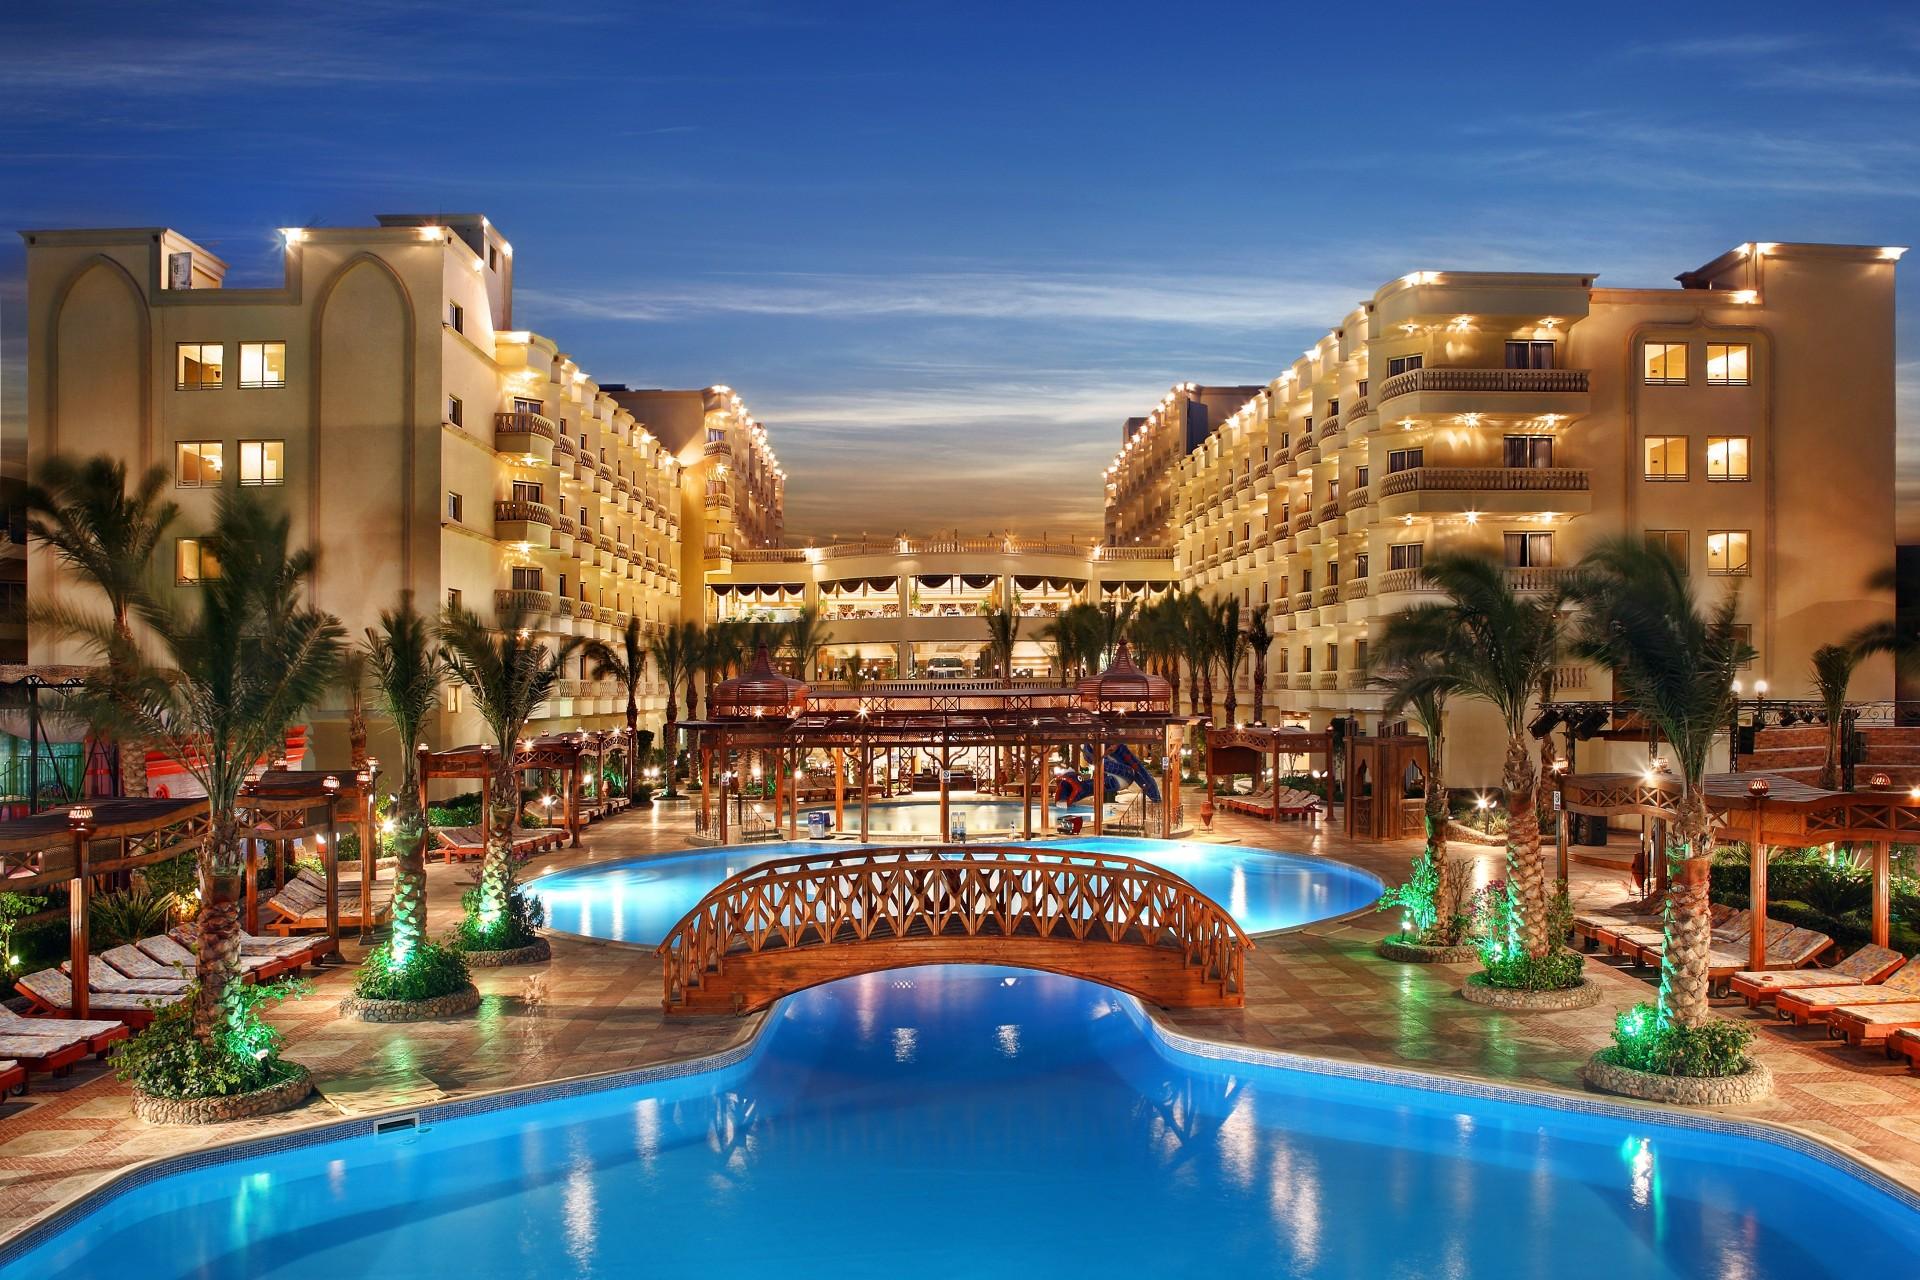 Тури до Єгипту: як спланувати відпочинок на курорті, ціни та детальний опис